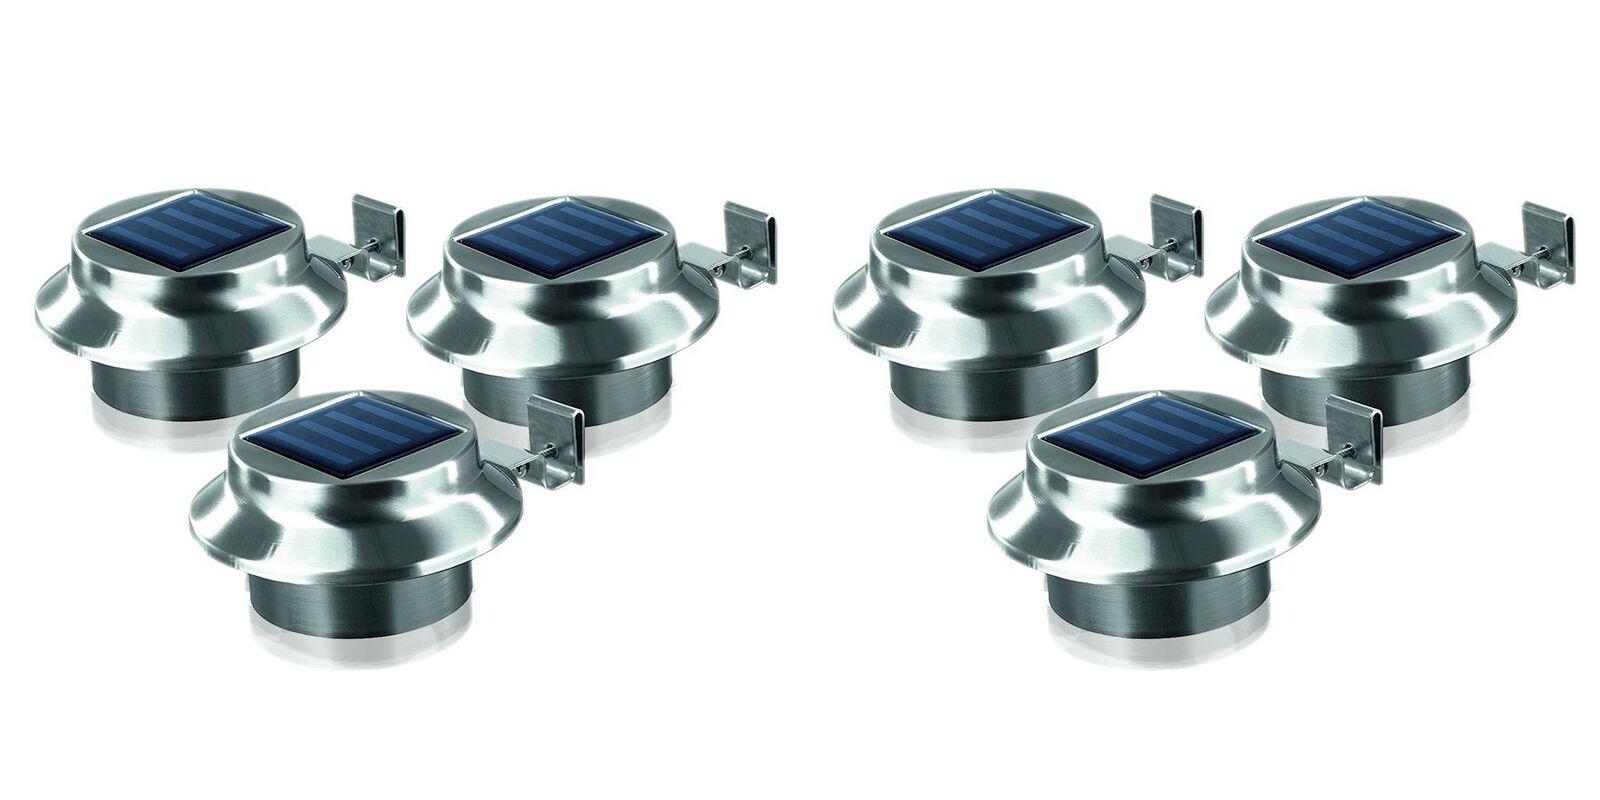 LED dachrinnenleuchten 6er-set de acero inoxidable luz valla caminos luz luces solares